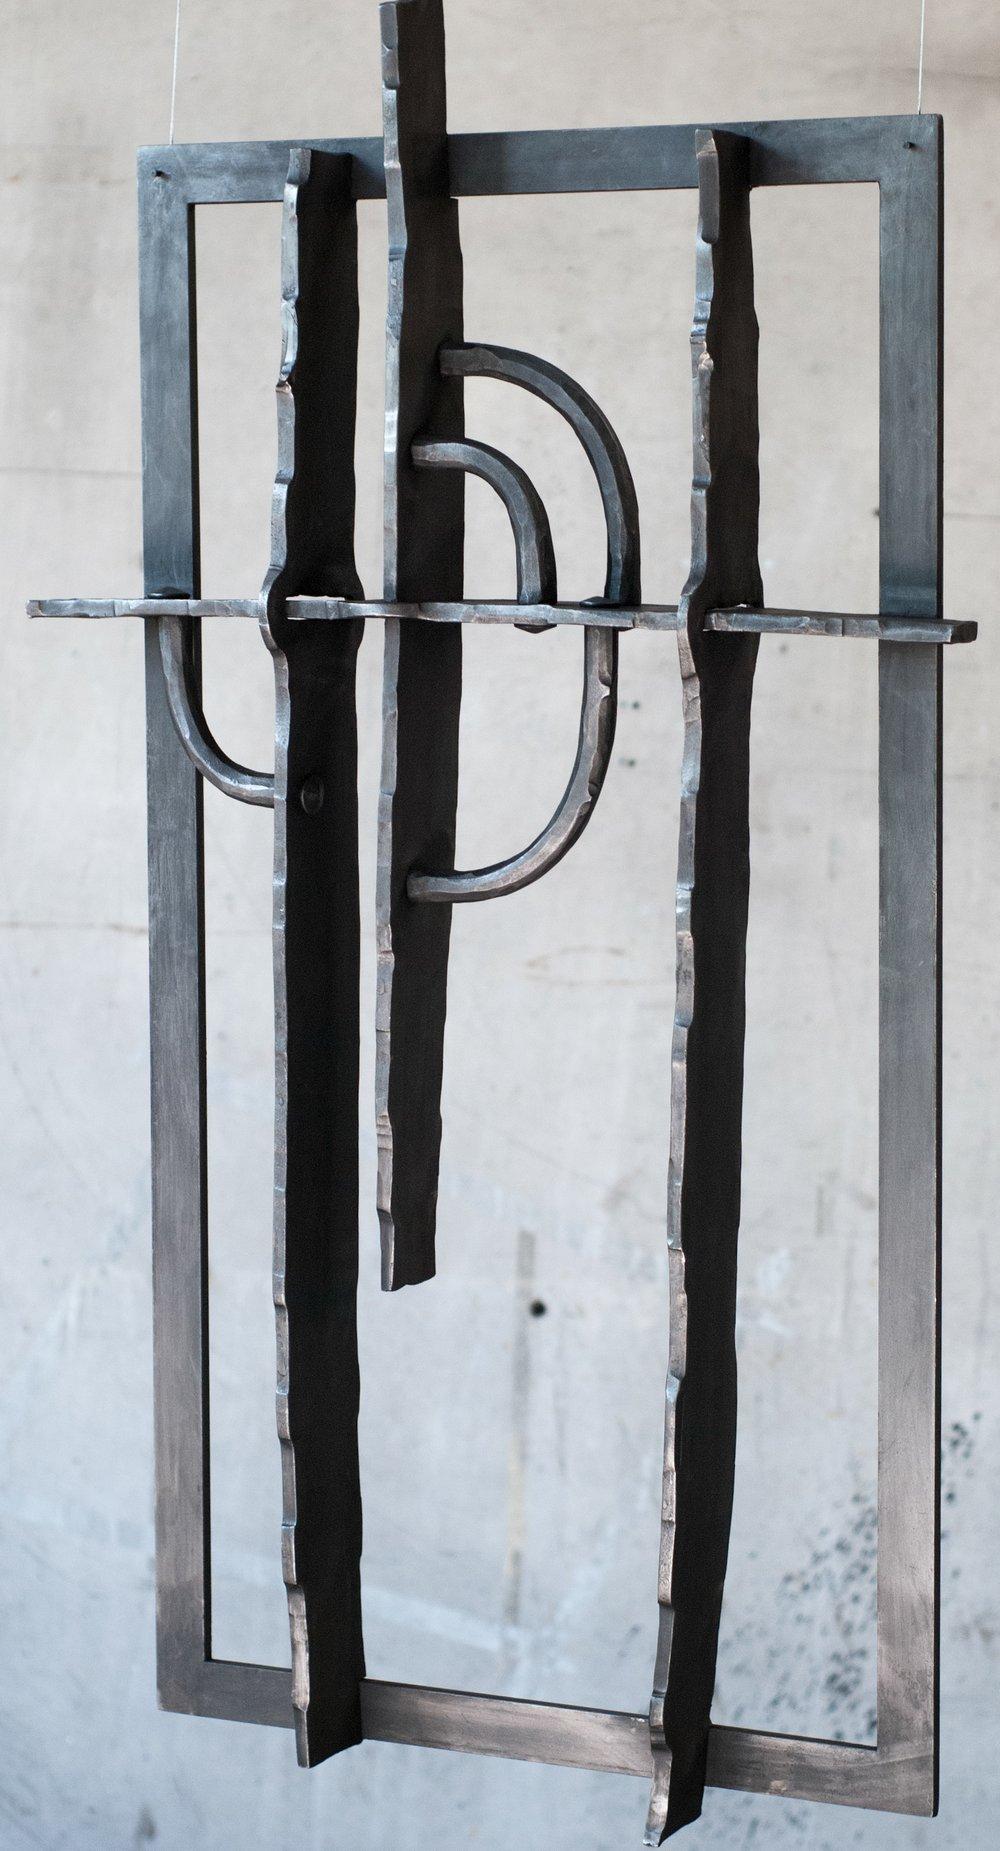 Lind Smide & Metallgestaltning. Galler designat med utgångspunkt i den sena nordiska renässansens formspråk och smidestekniker.